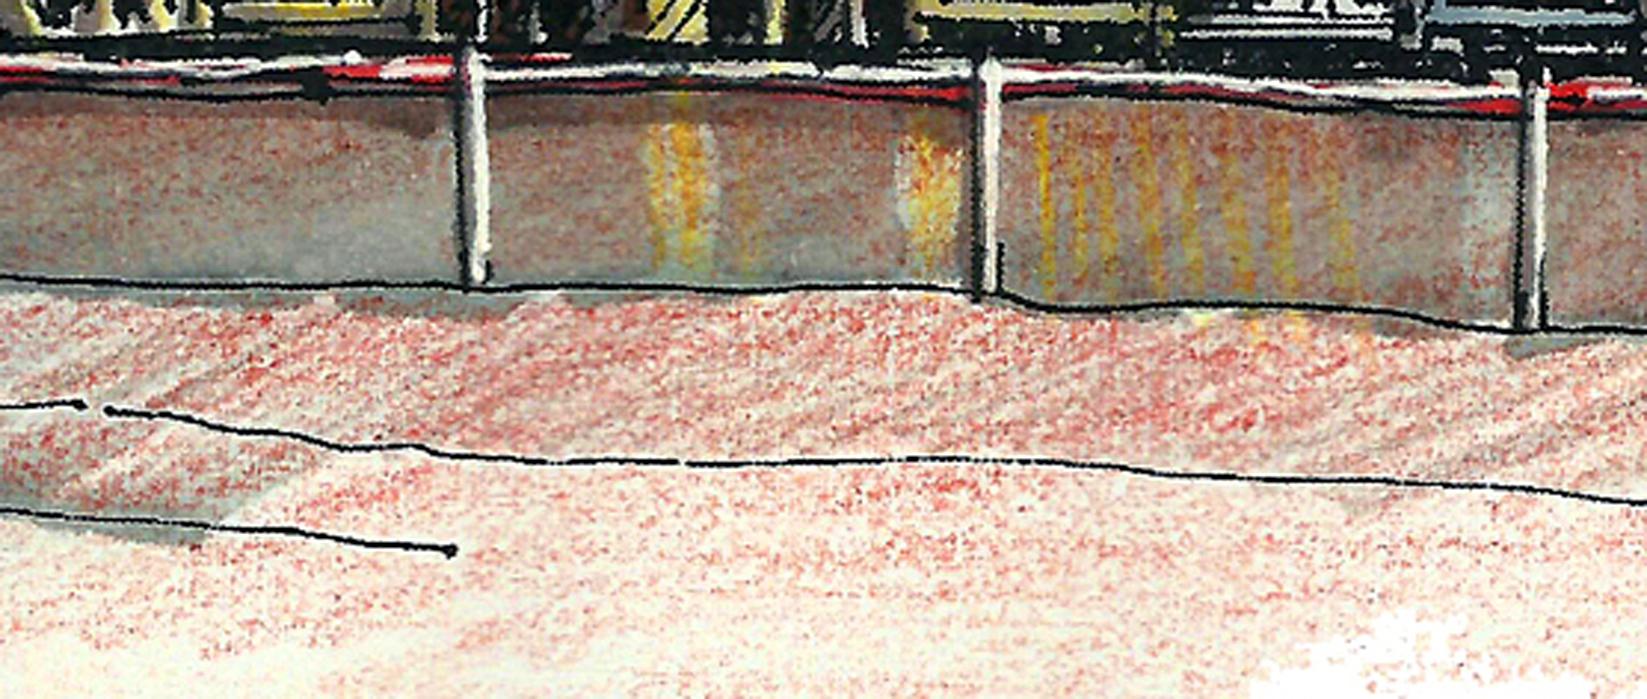 当冷灰面与亮部色阶较大时,运用偏暖色调的彩铅过渡,冷暖对比,使画面